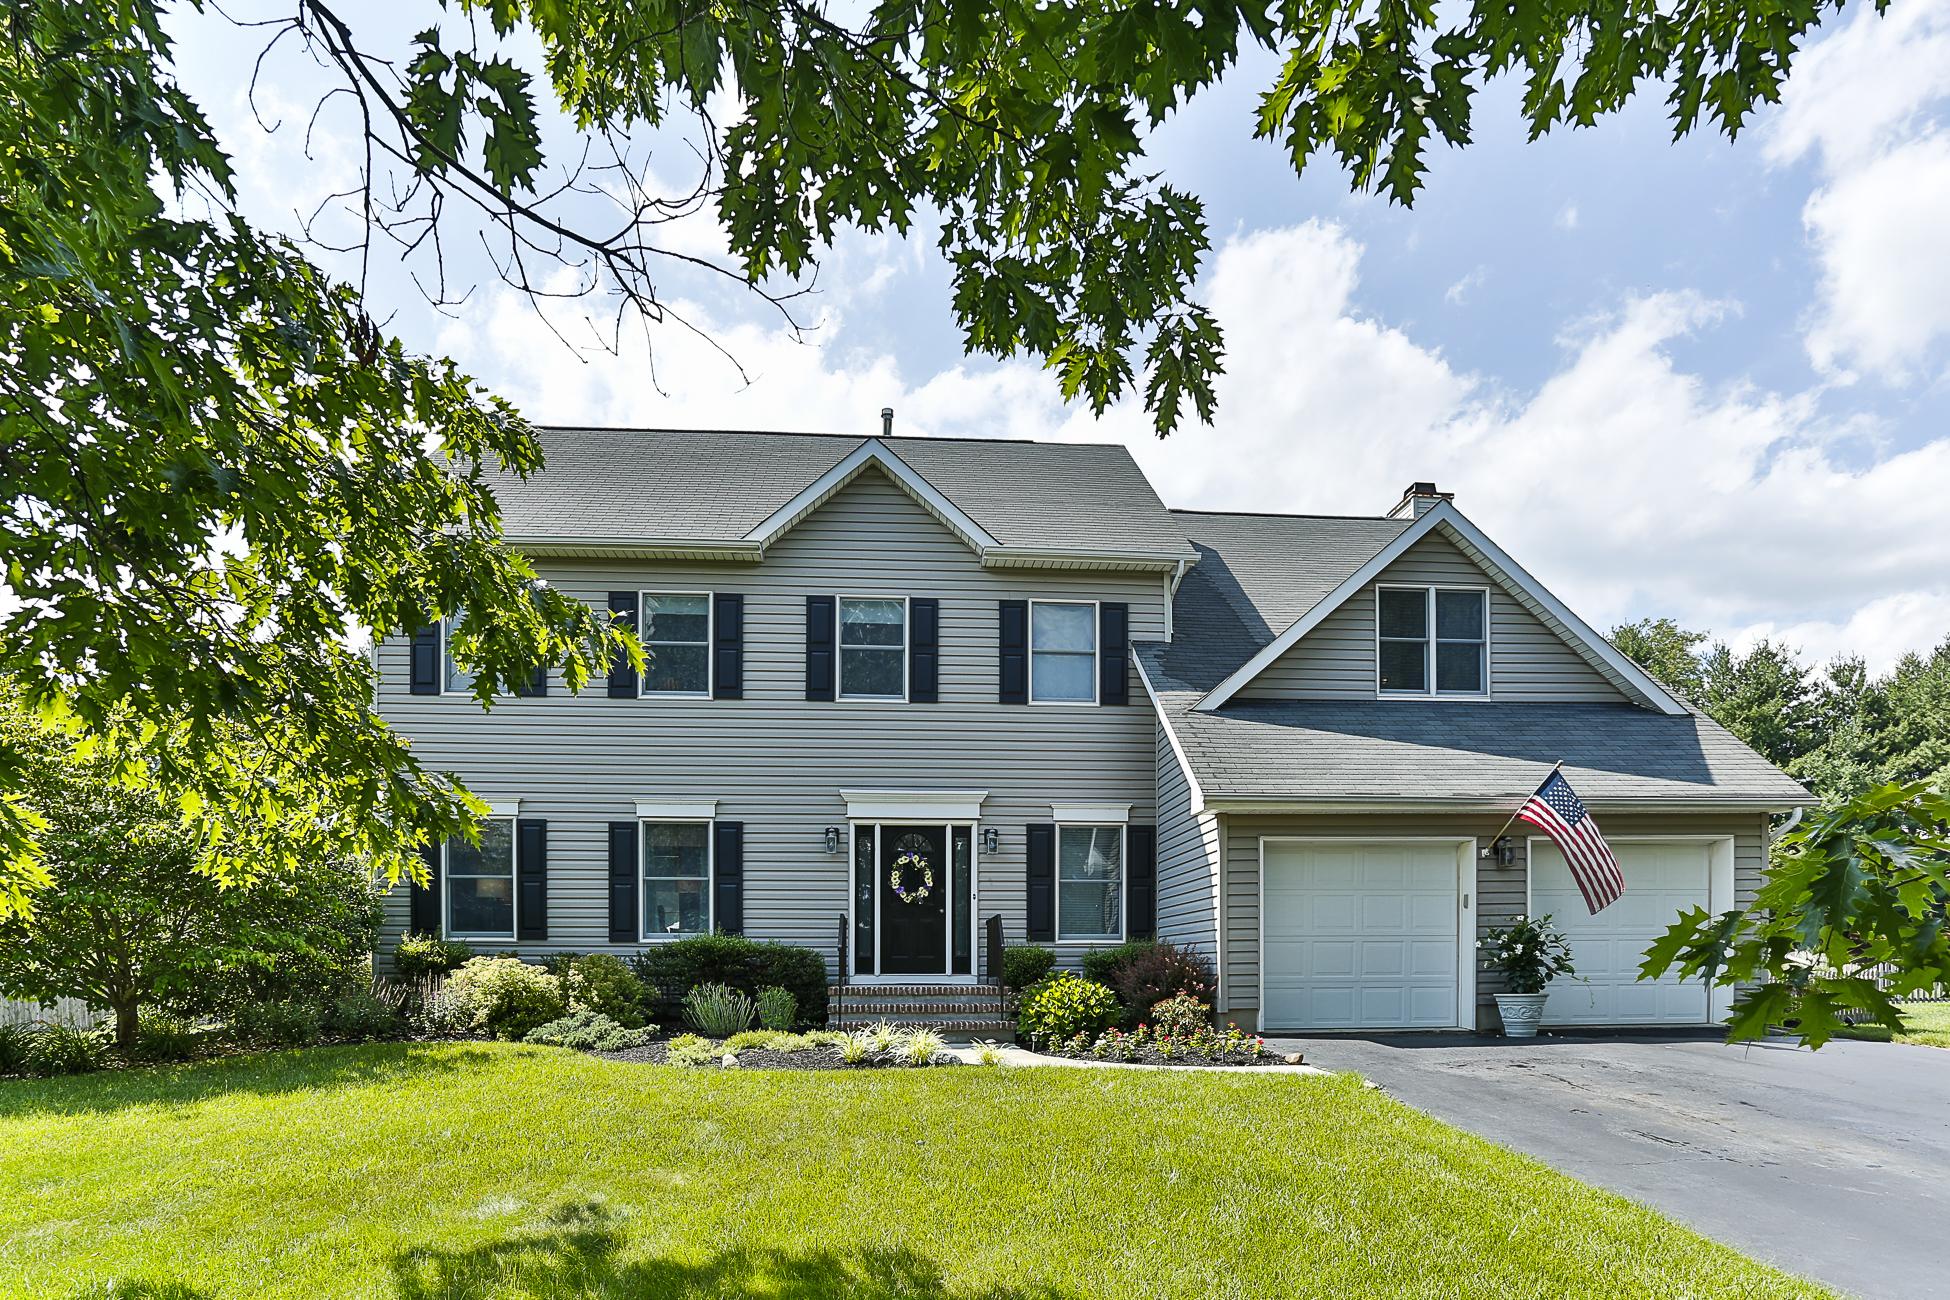 一戸建て のために 売買 アット Ponds End Colonial 14 Knight Drive Plainsboro, ニュージャージー 08536 アメリカ合衆国